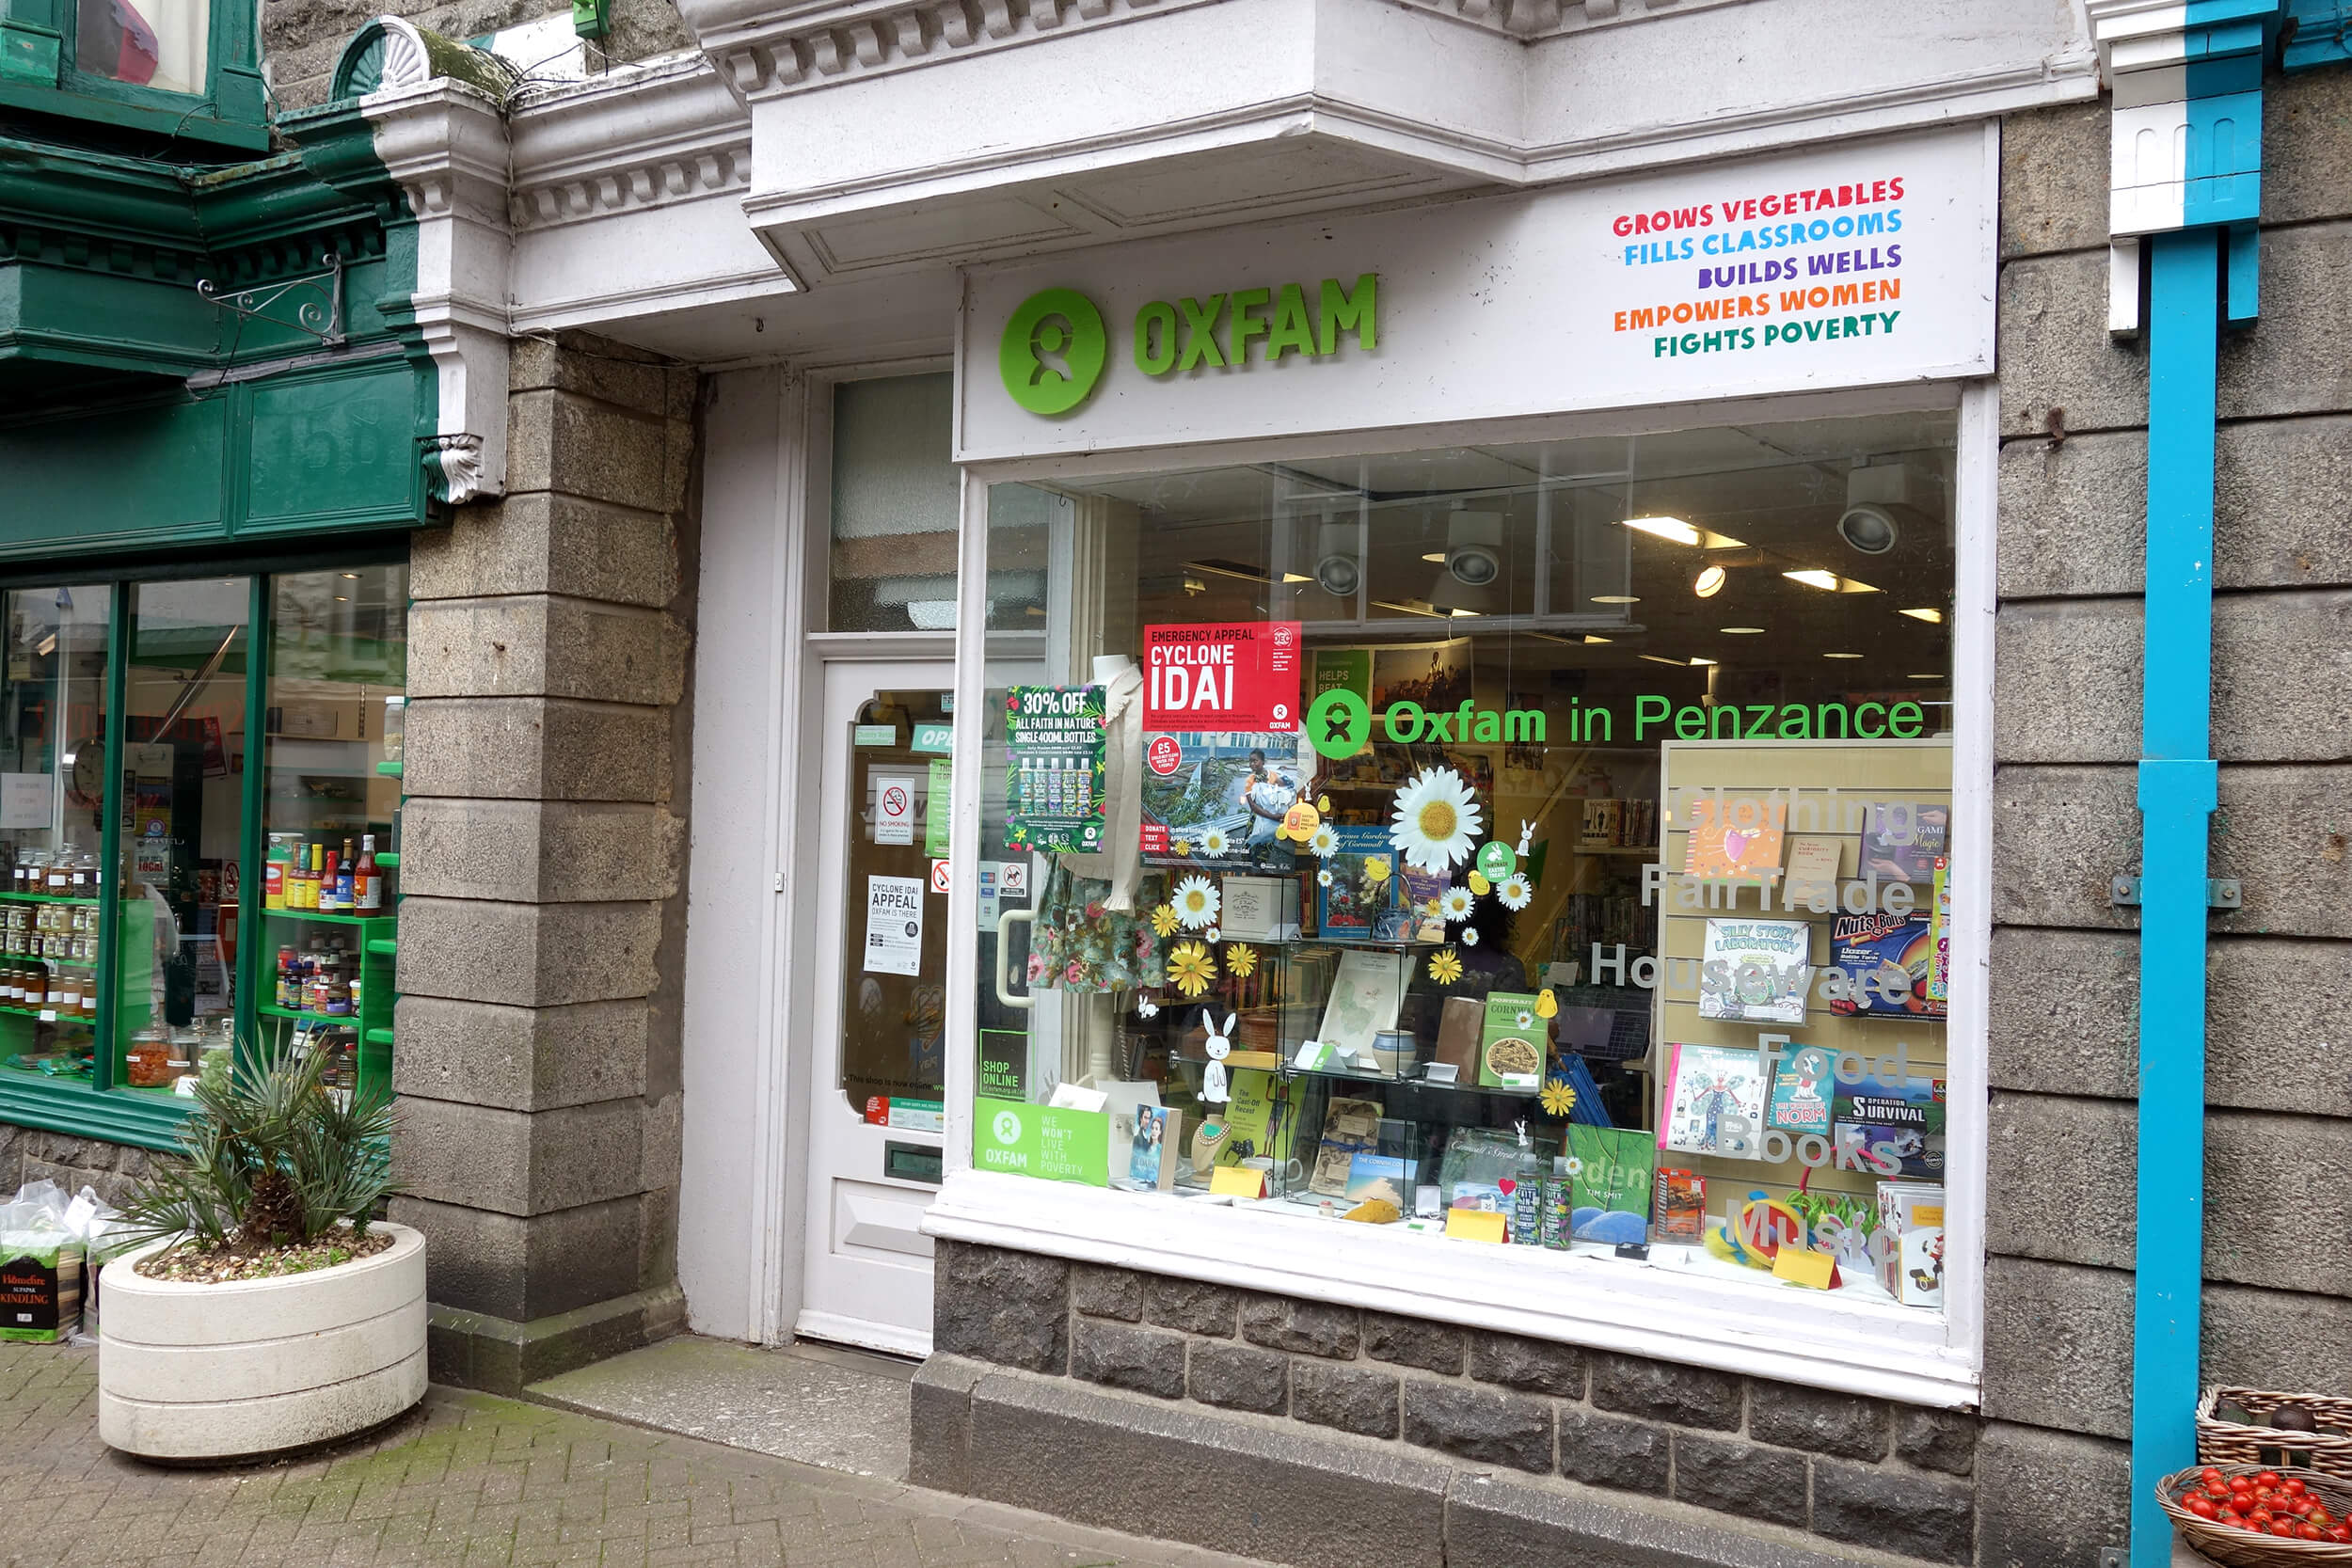 Oxfam, Penzance